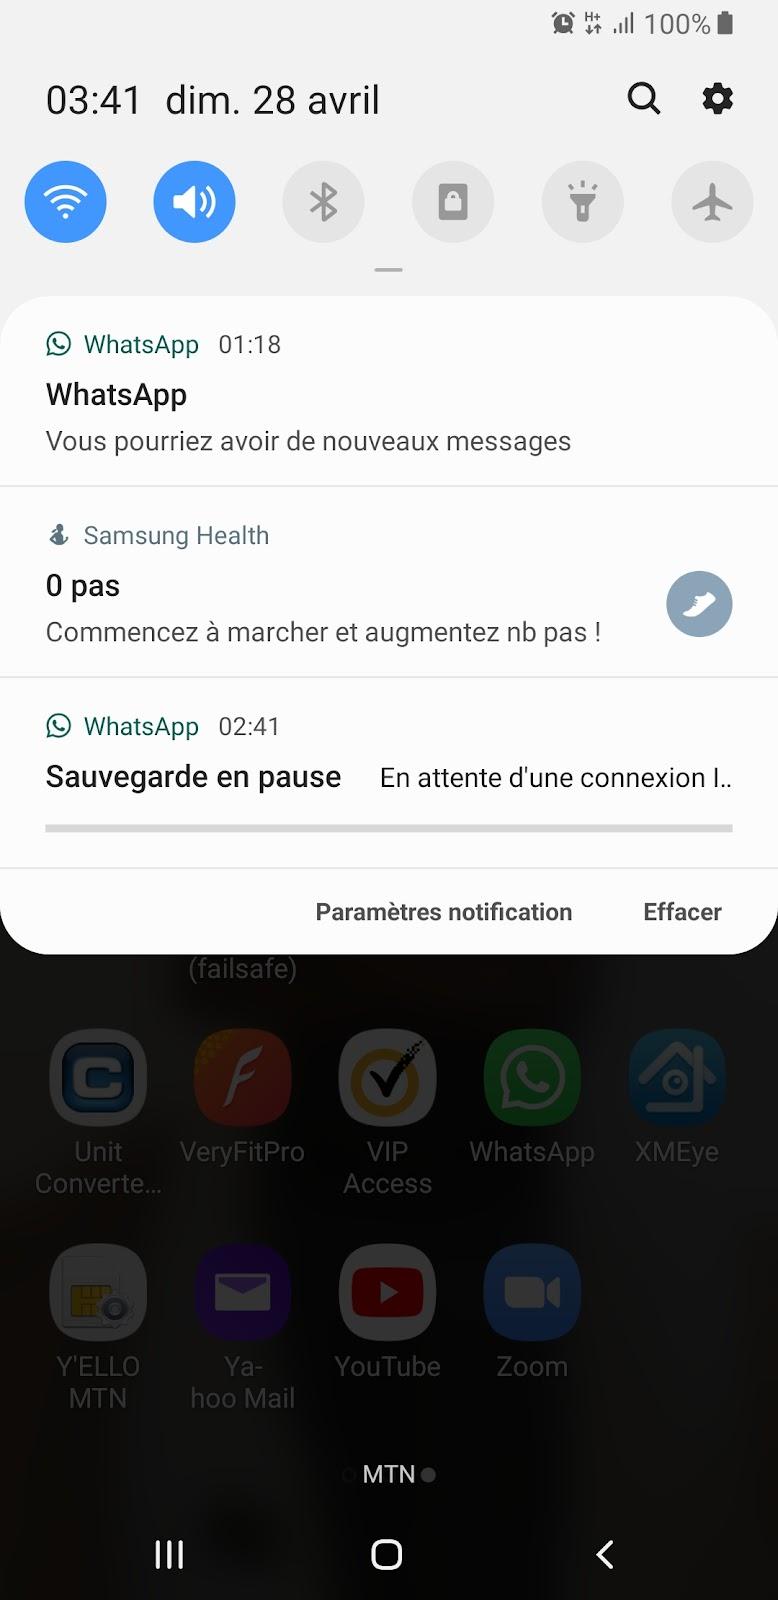 Echec de la sauvegarde Whatsapp.